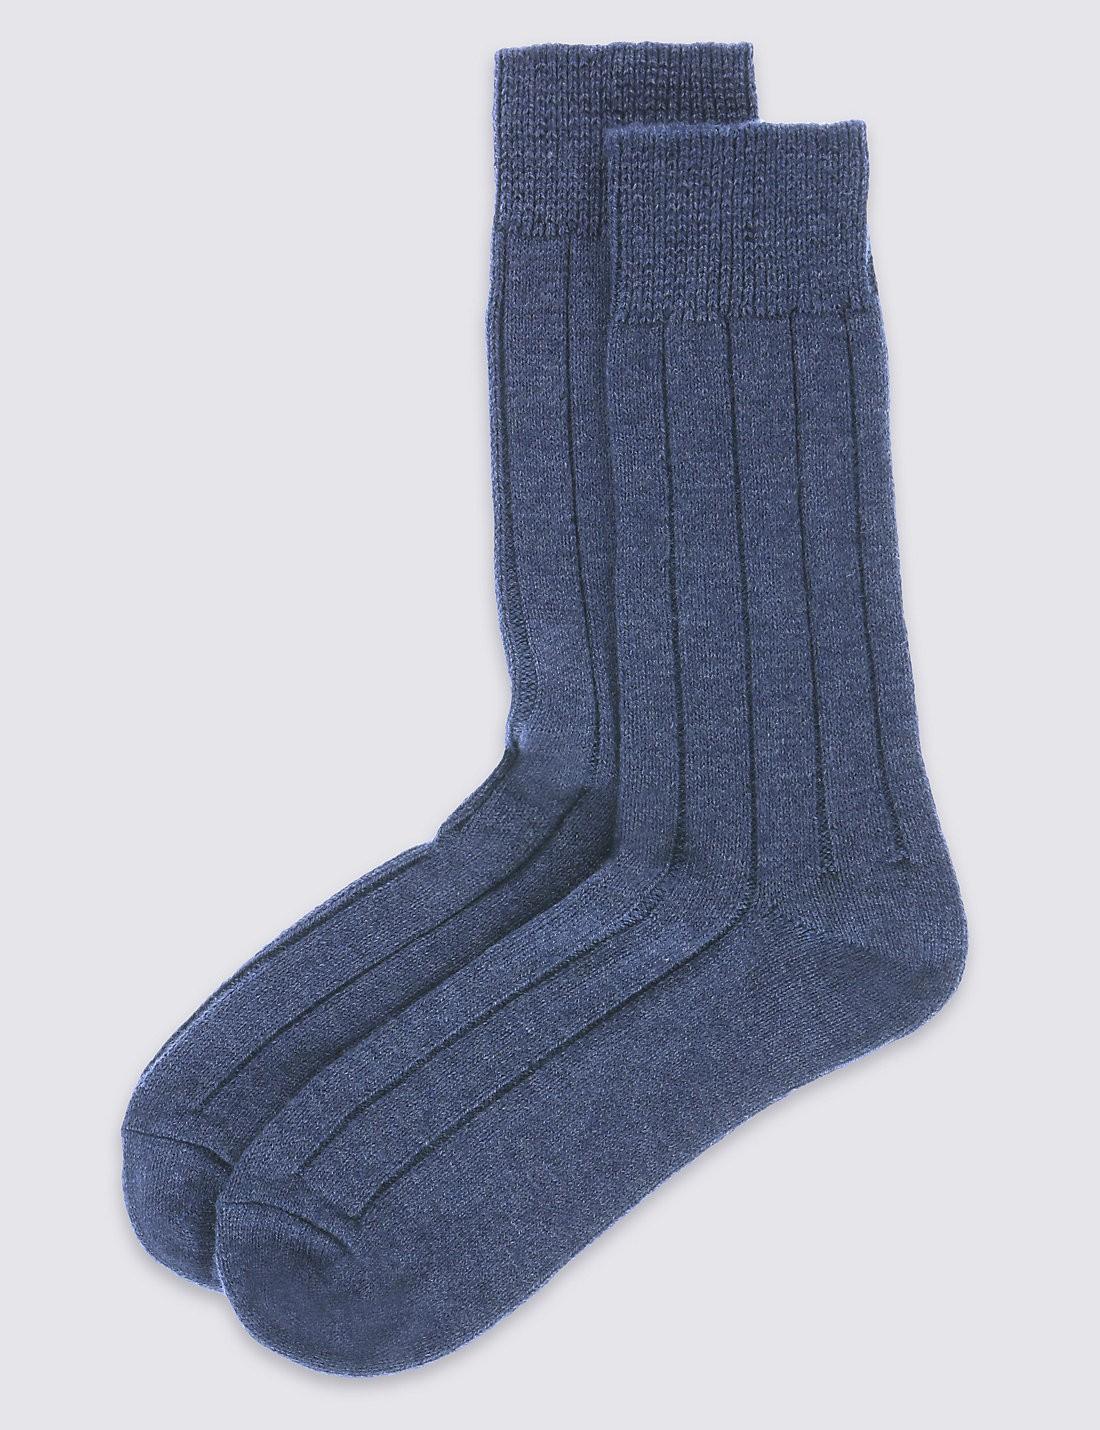 2'li Yünlü Termal Çorap Seti